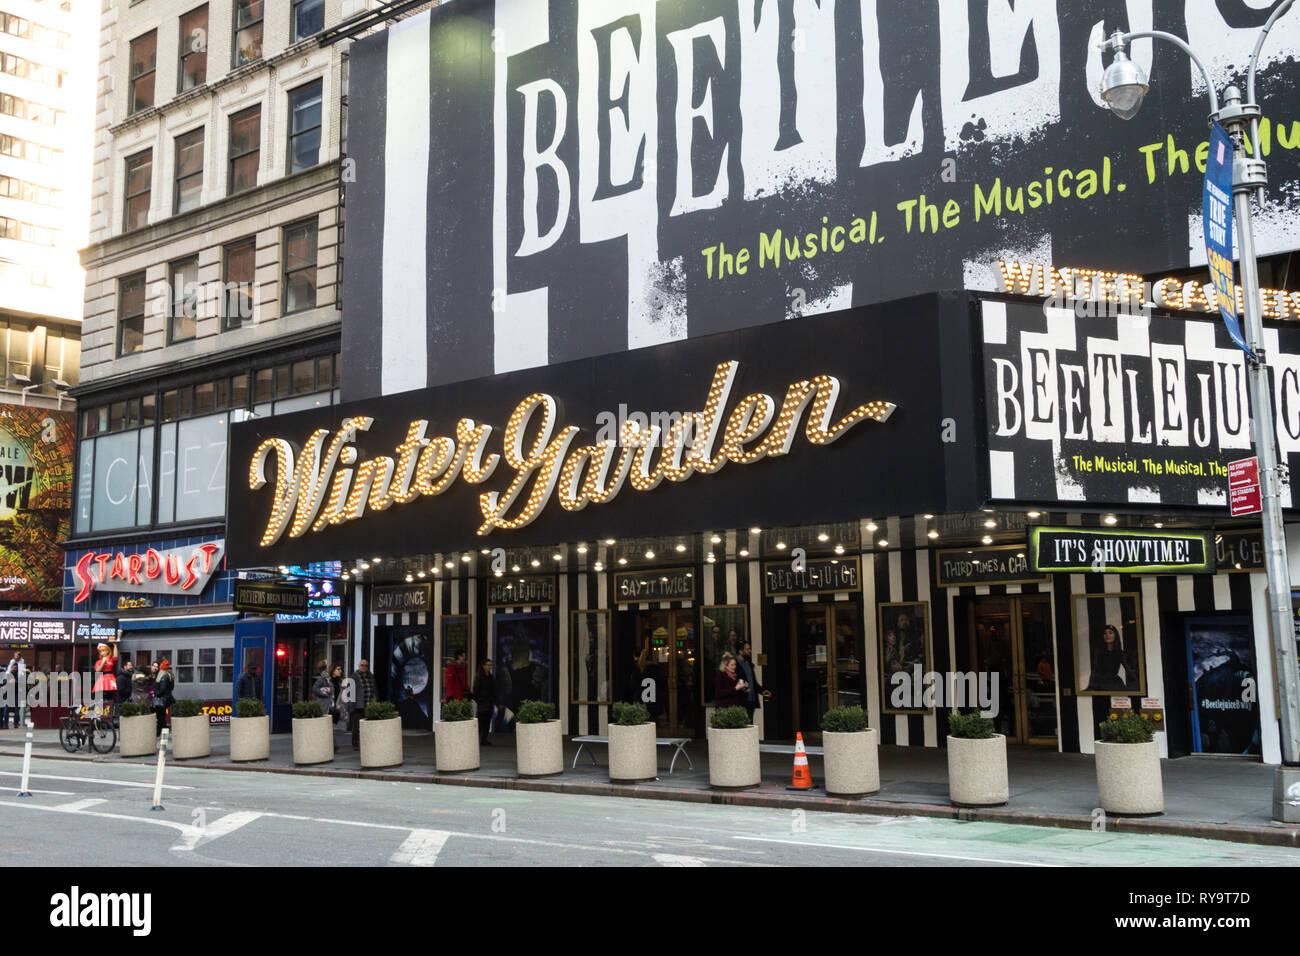 Beetlejuice Festzelt An Der Winter Garden Theatre Am Broadway